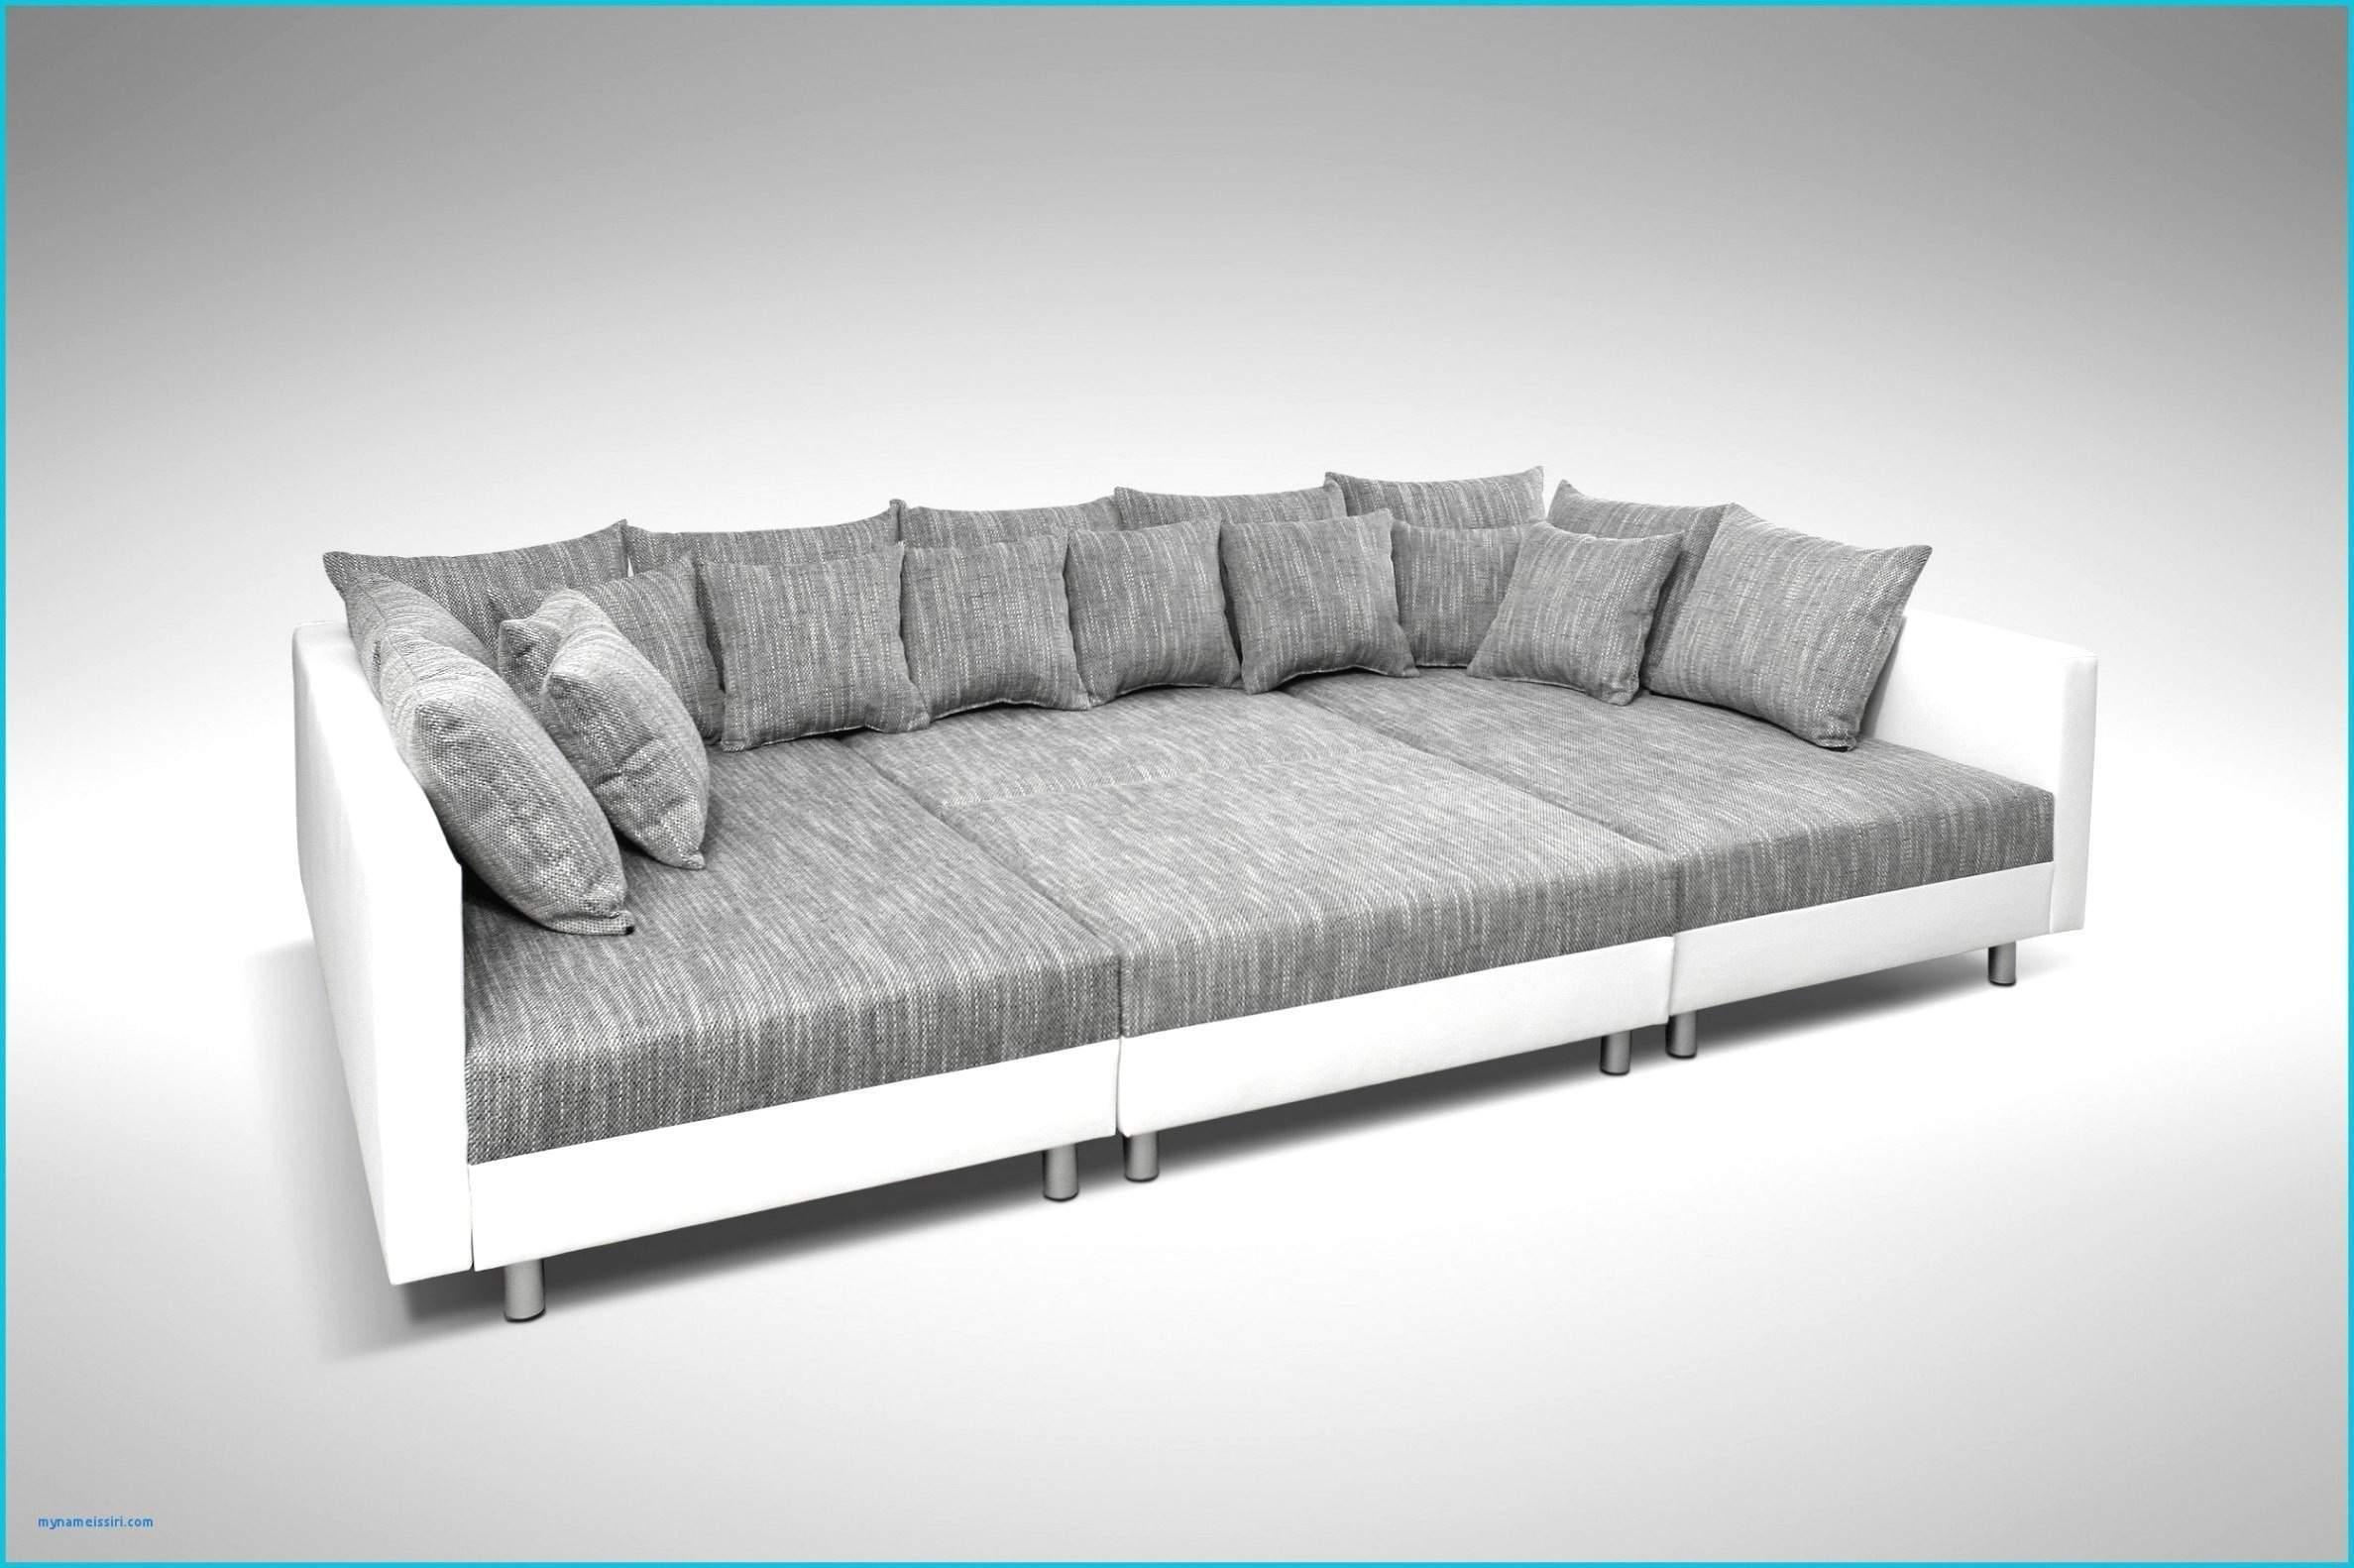 poco wohnzimmer genial ecksofa poco elegant pocco sofa luxus ecksofa modern schon of poco wohnzimmer